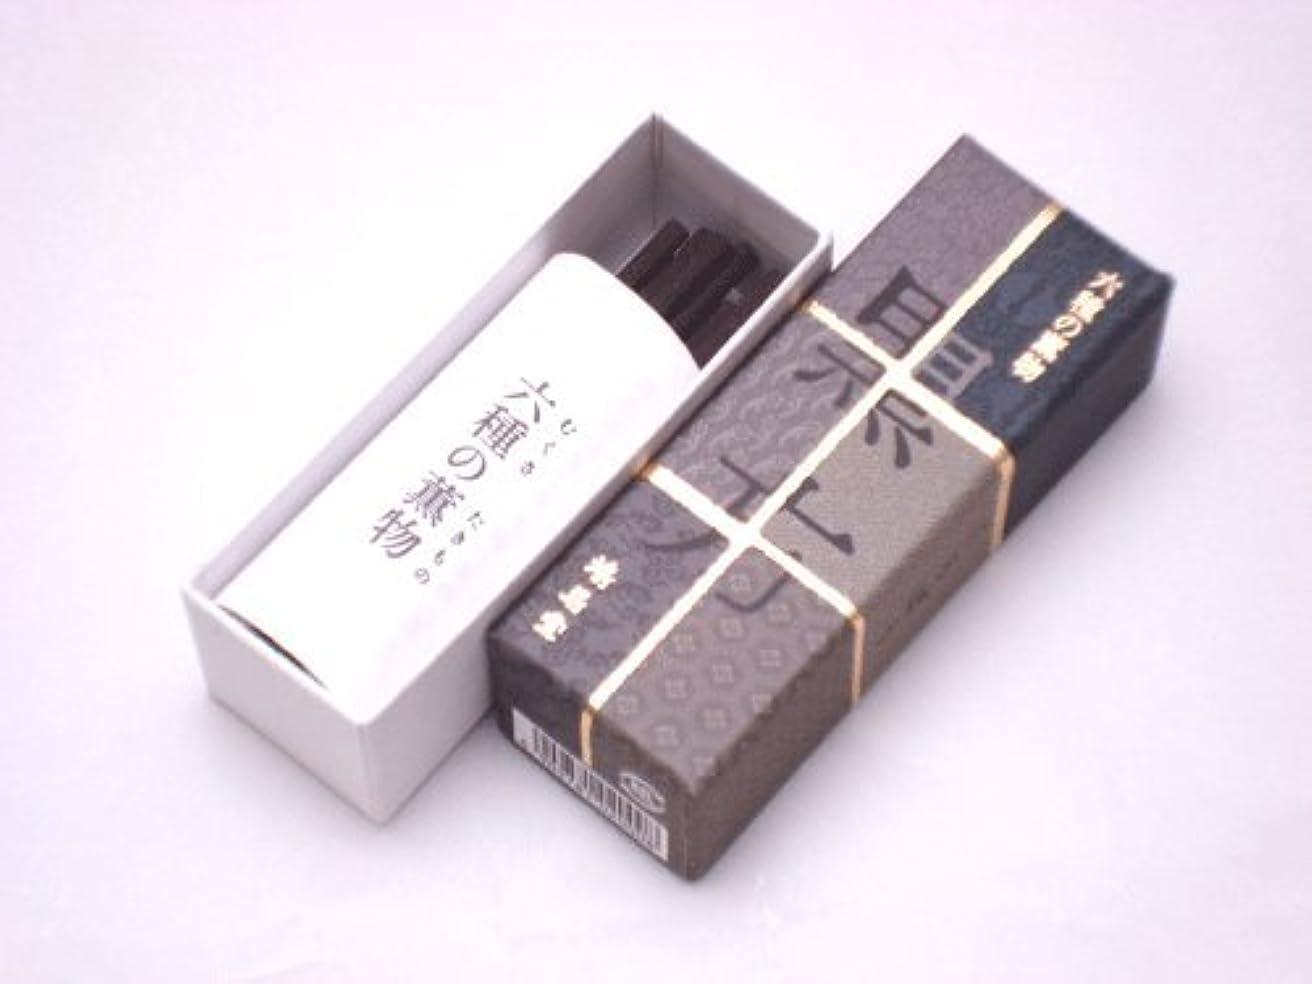 活性化する消す形状鳩居堂 六種の薫物 黒方(くろぼう) スティック【お香】